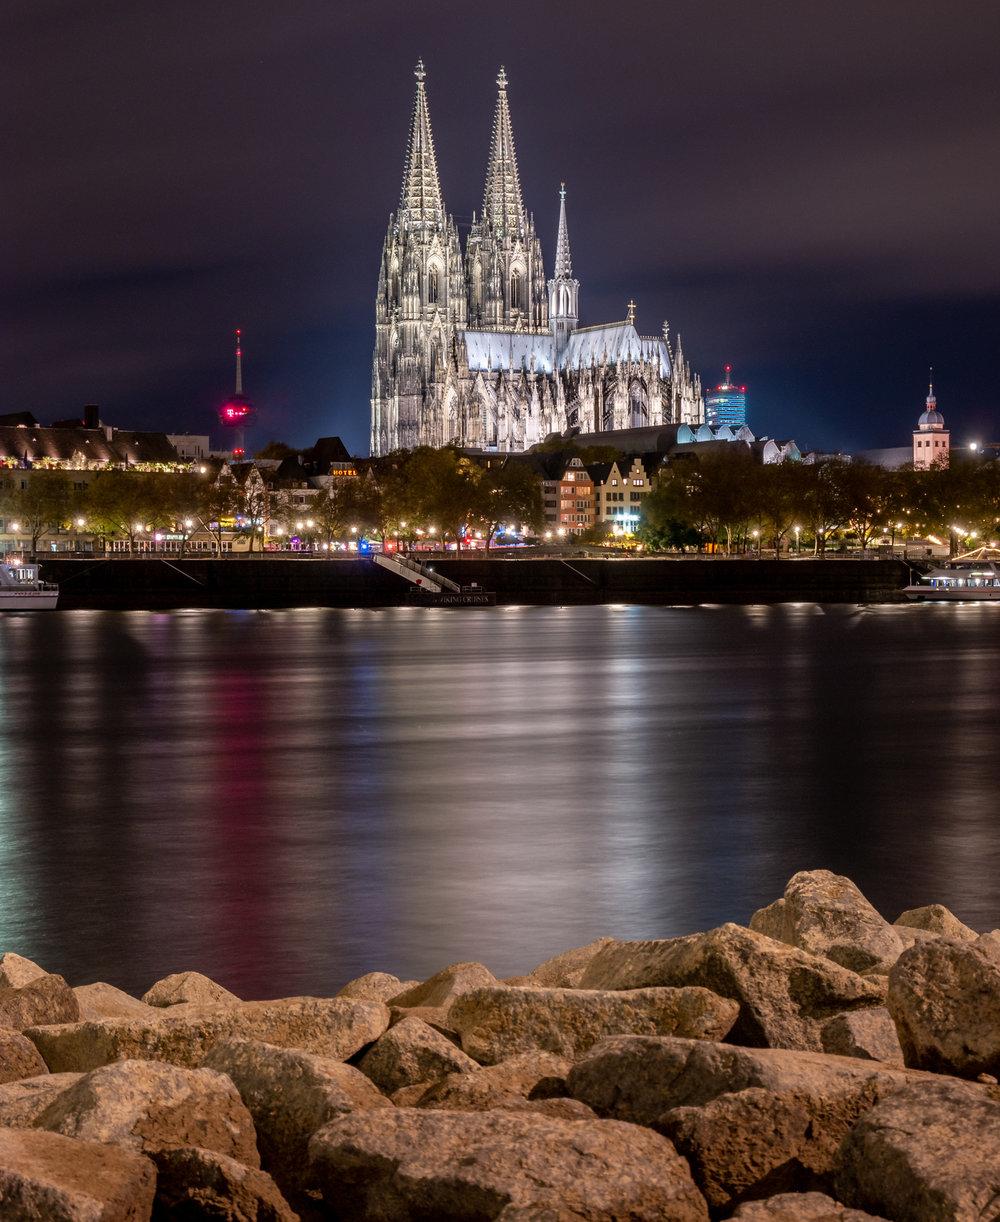 Dom mit Spiegelungen im Rhein mit Steinen im Vordergrund in der